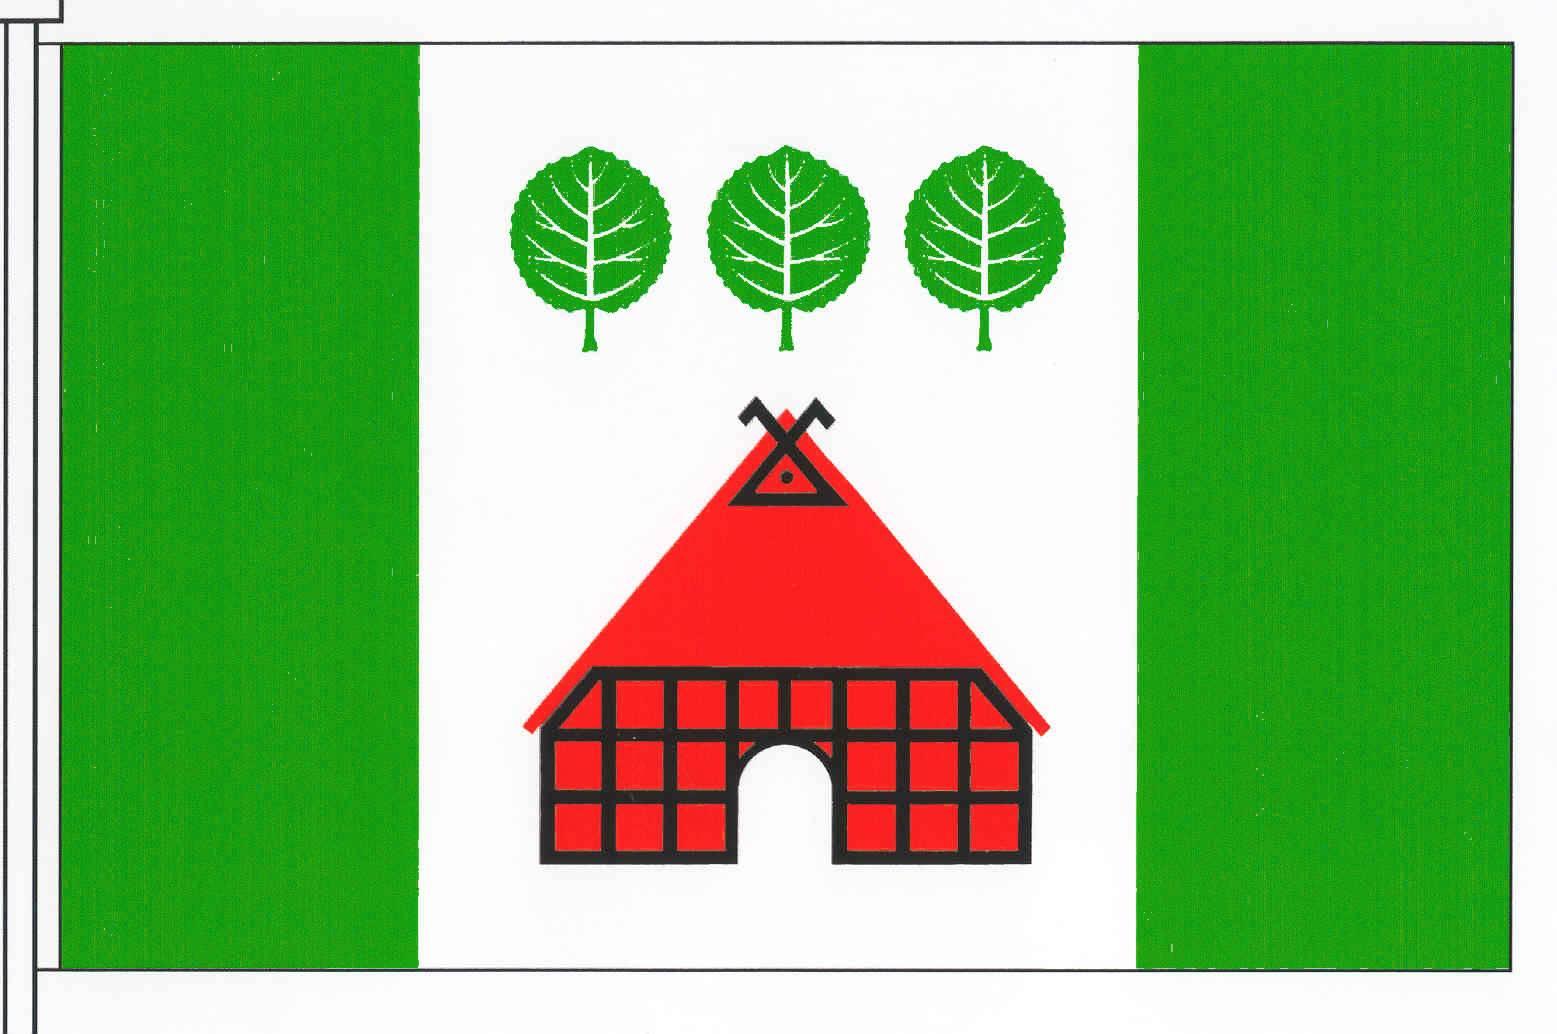 Flagge GemeindeKrogaspe, Kreis Rendsburg-Eckernförde